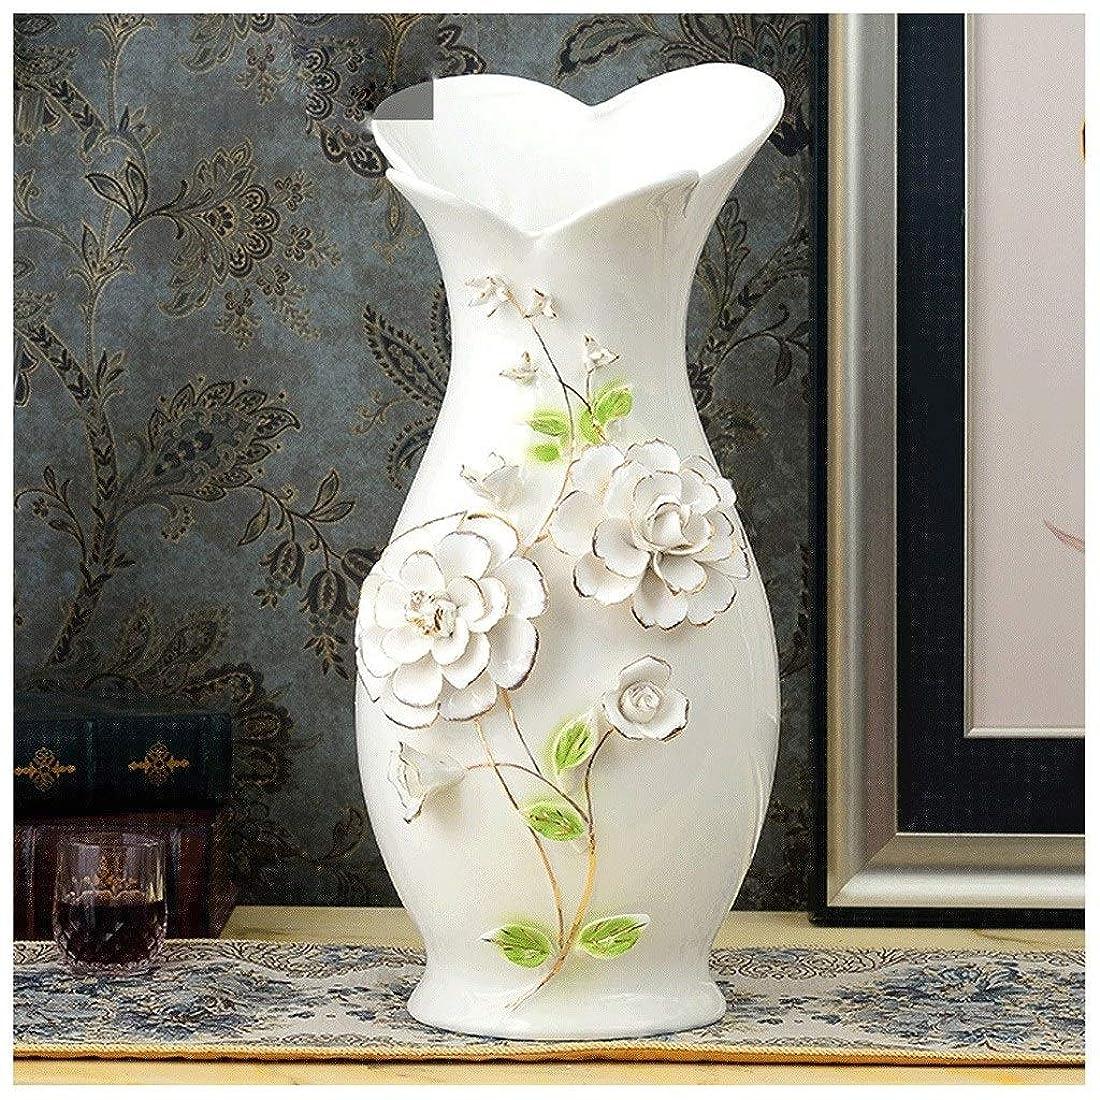 バウンド腐ったパケット花瓶 ヨーロッパセラミック花瓶オフィスデスクトップ装飾リビングルームテレビキャビネットシンプルなファッション装飾テーブルクラフト (Color : A)